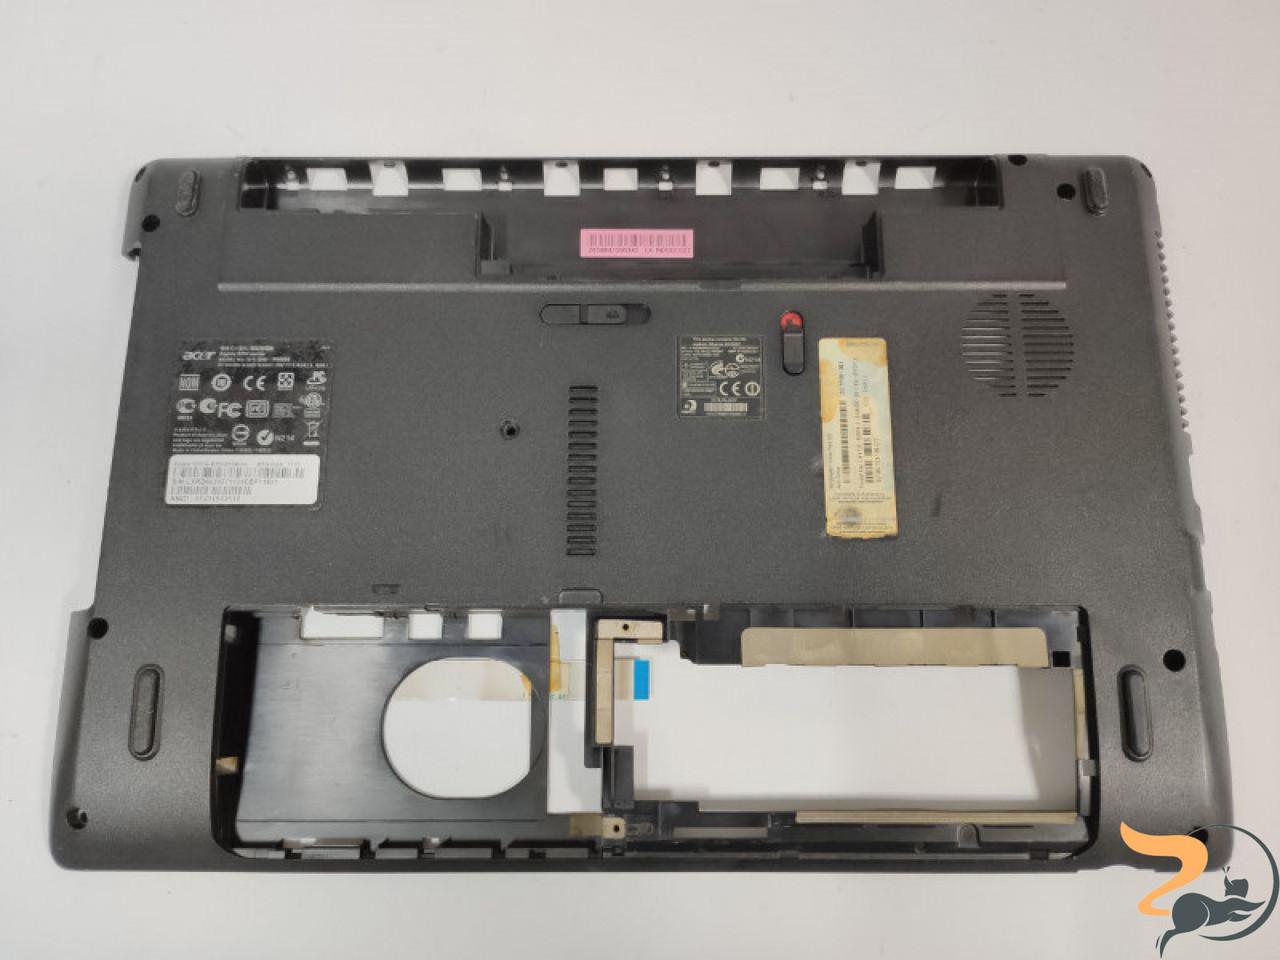 """Нижня частина корпусу для ноутбука Acer Aspire 5253, 5253G, P5WE6, 15.6"""", AP0FO000H00, Б/В. Має зламані кріплення (фото). Продається з платою USB."""